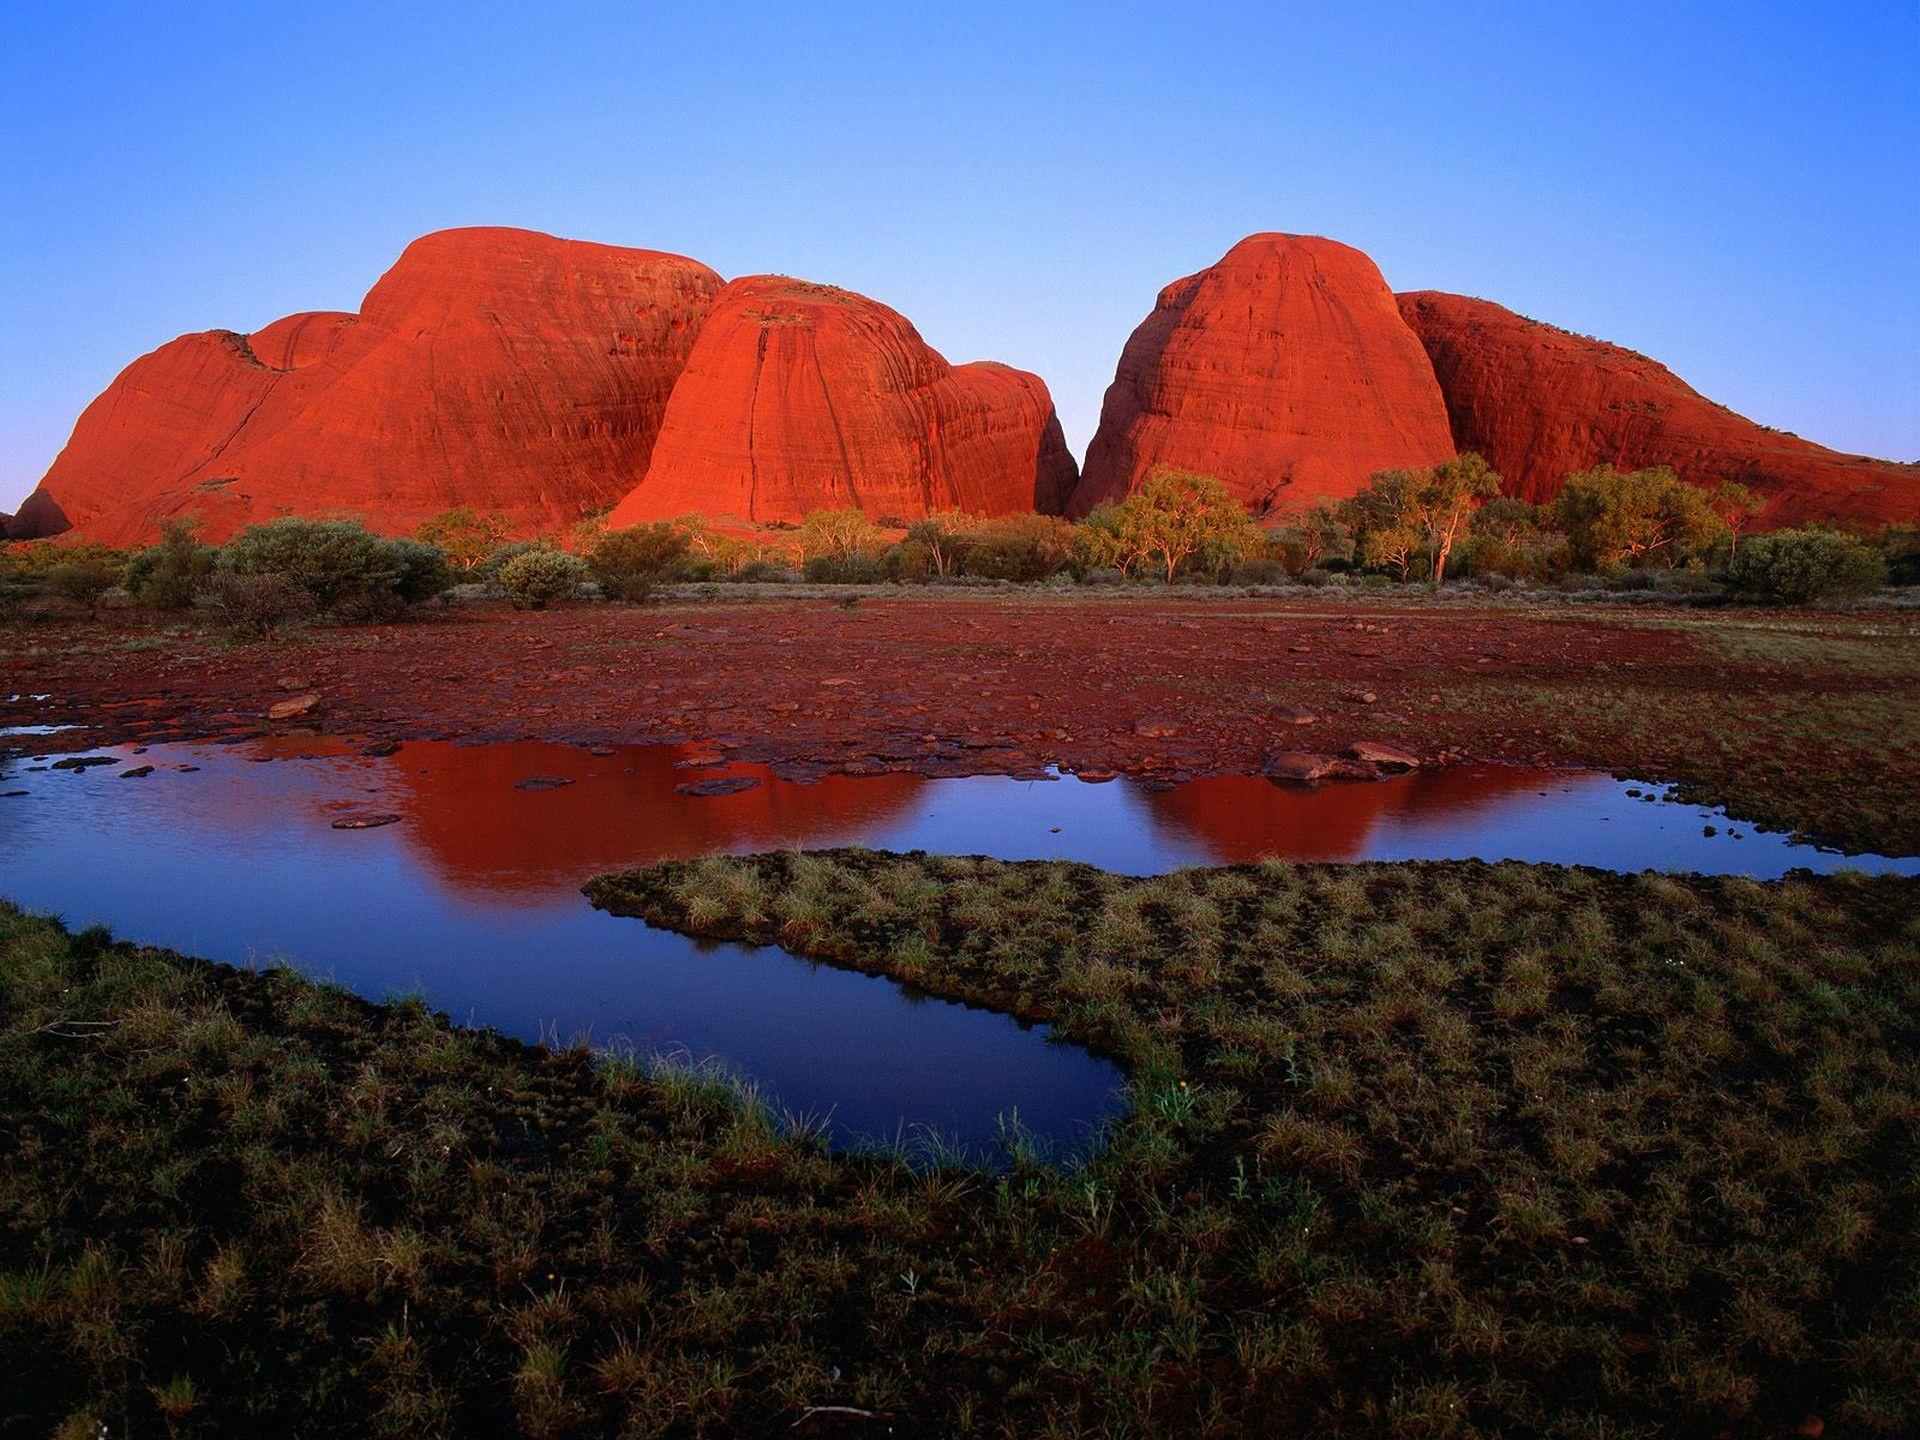 australia nature 1920x1440 hd - photo #8